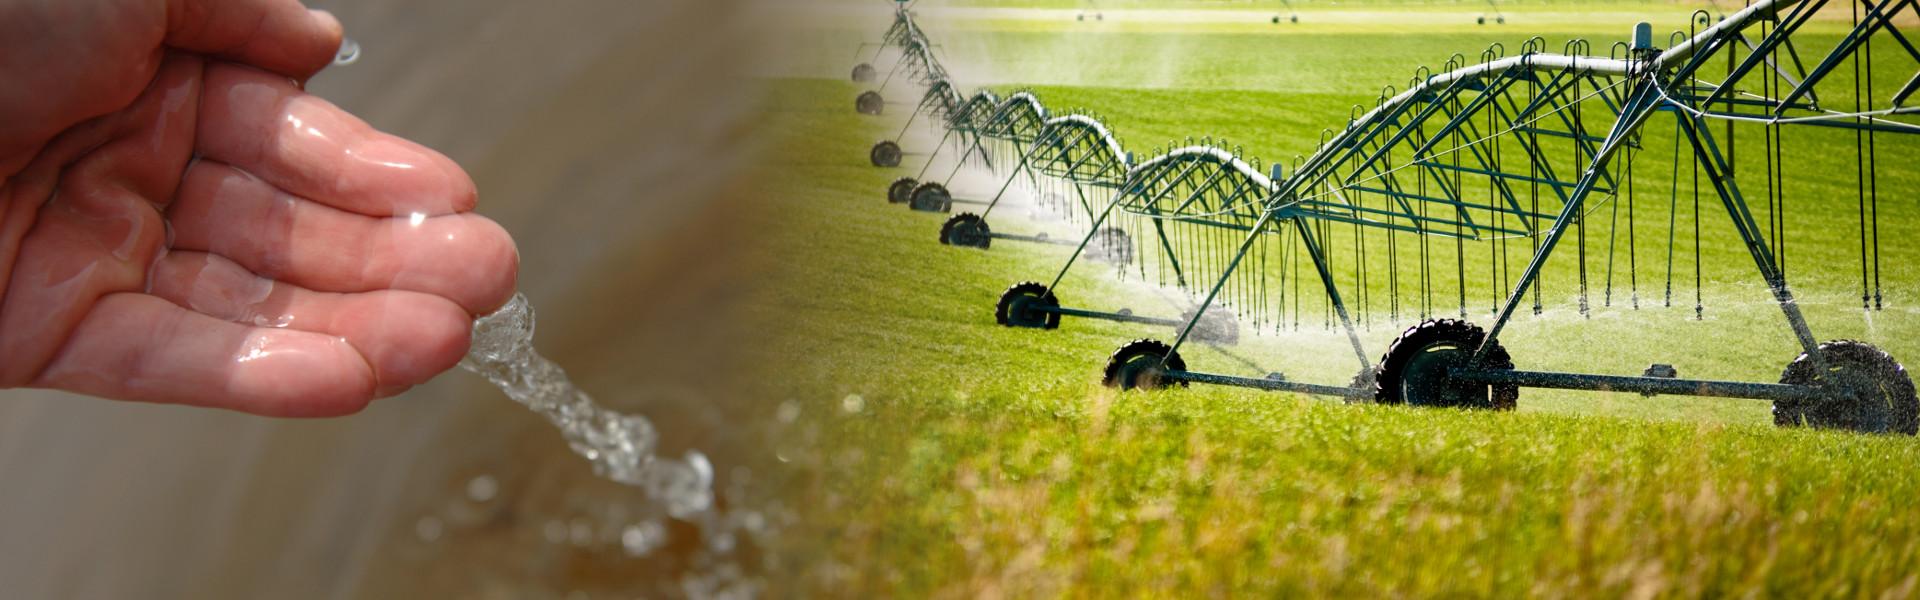 consulente in campo agronomico/ambientale